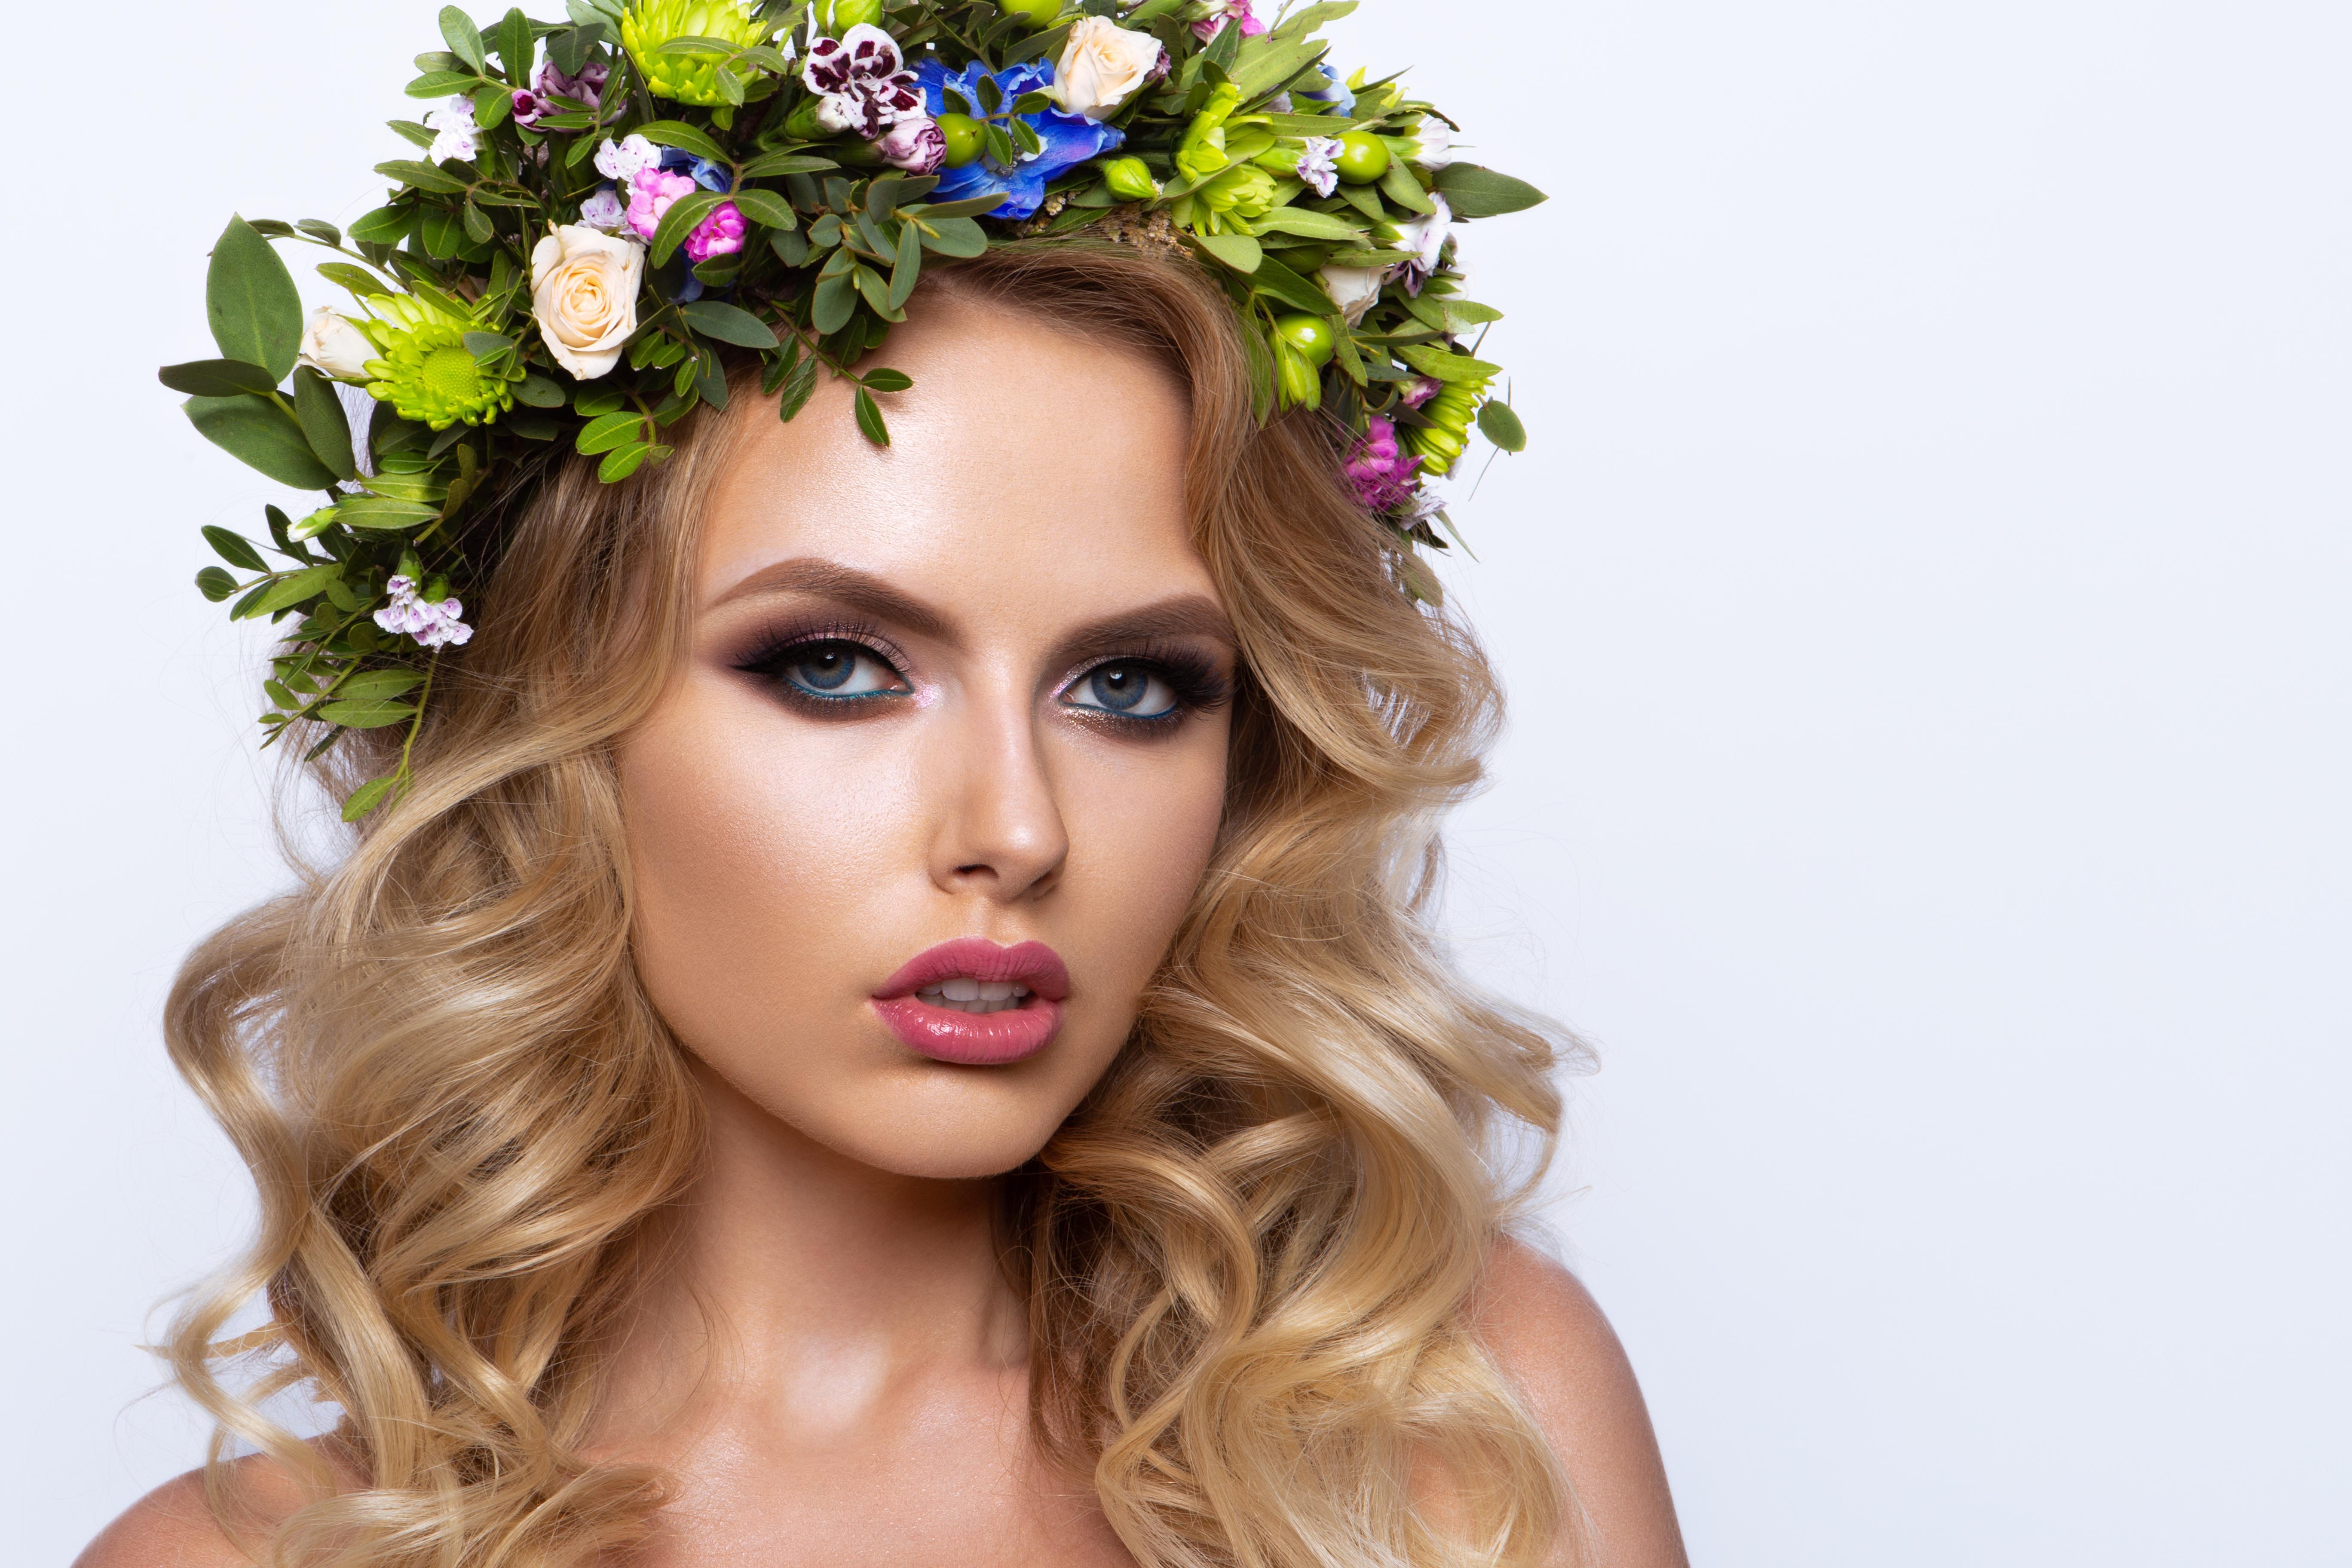 Fotos Blondine Model Make Up hübsche Frisur Haar Kranz junge Frauen Starren Weißer hintergrund Blond Mädchen Schminke Schön schöne hübsch schöner schönes hübscher Frisuren Mädchens junge frau Blick